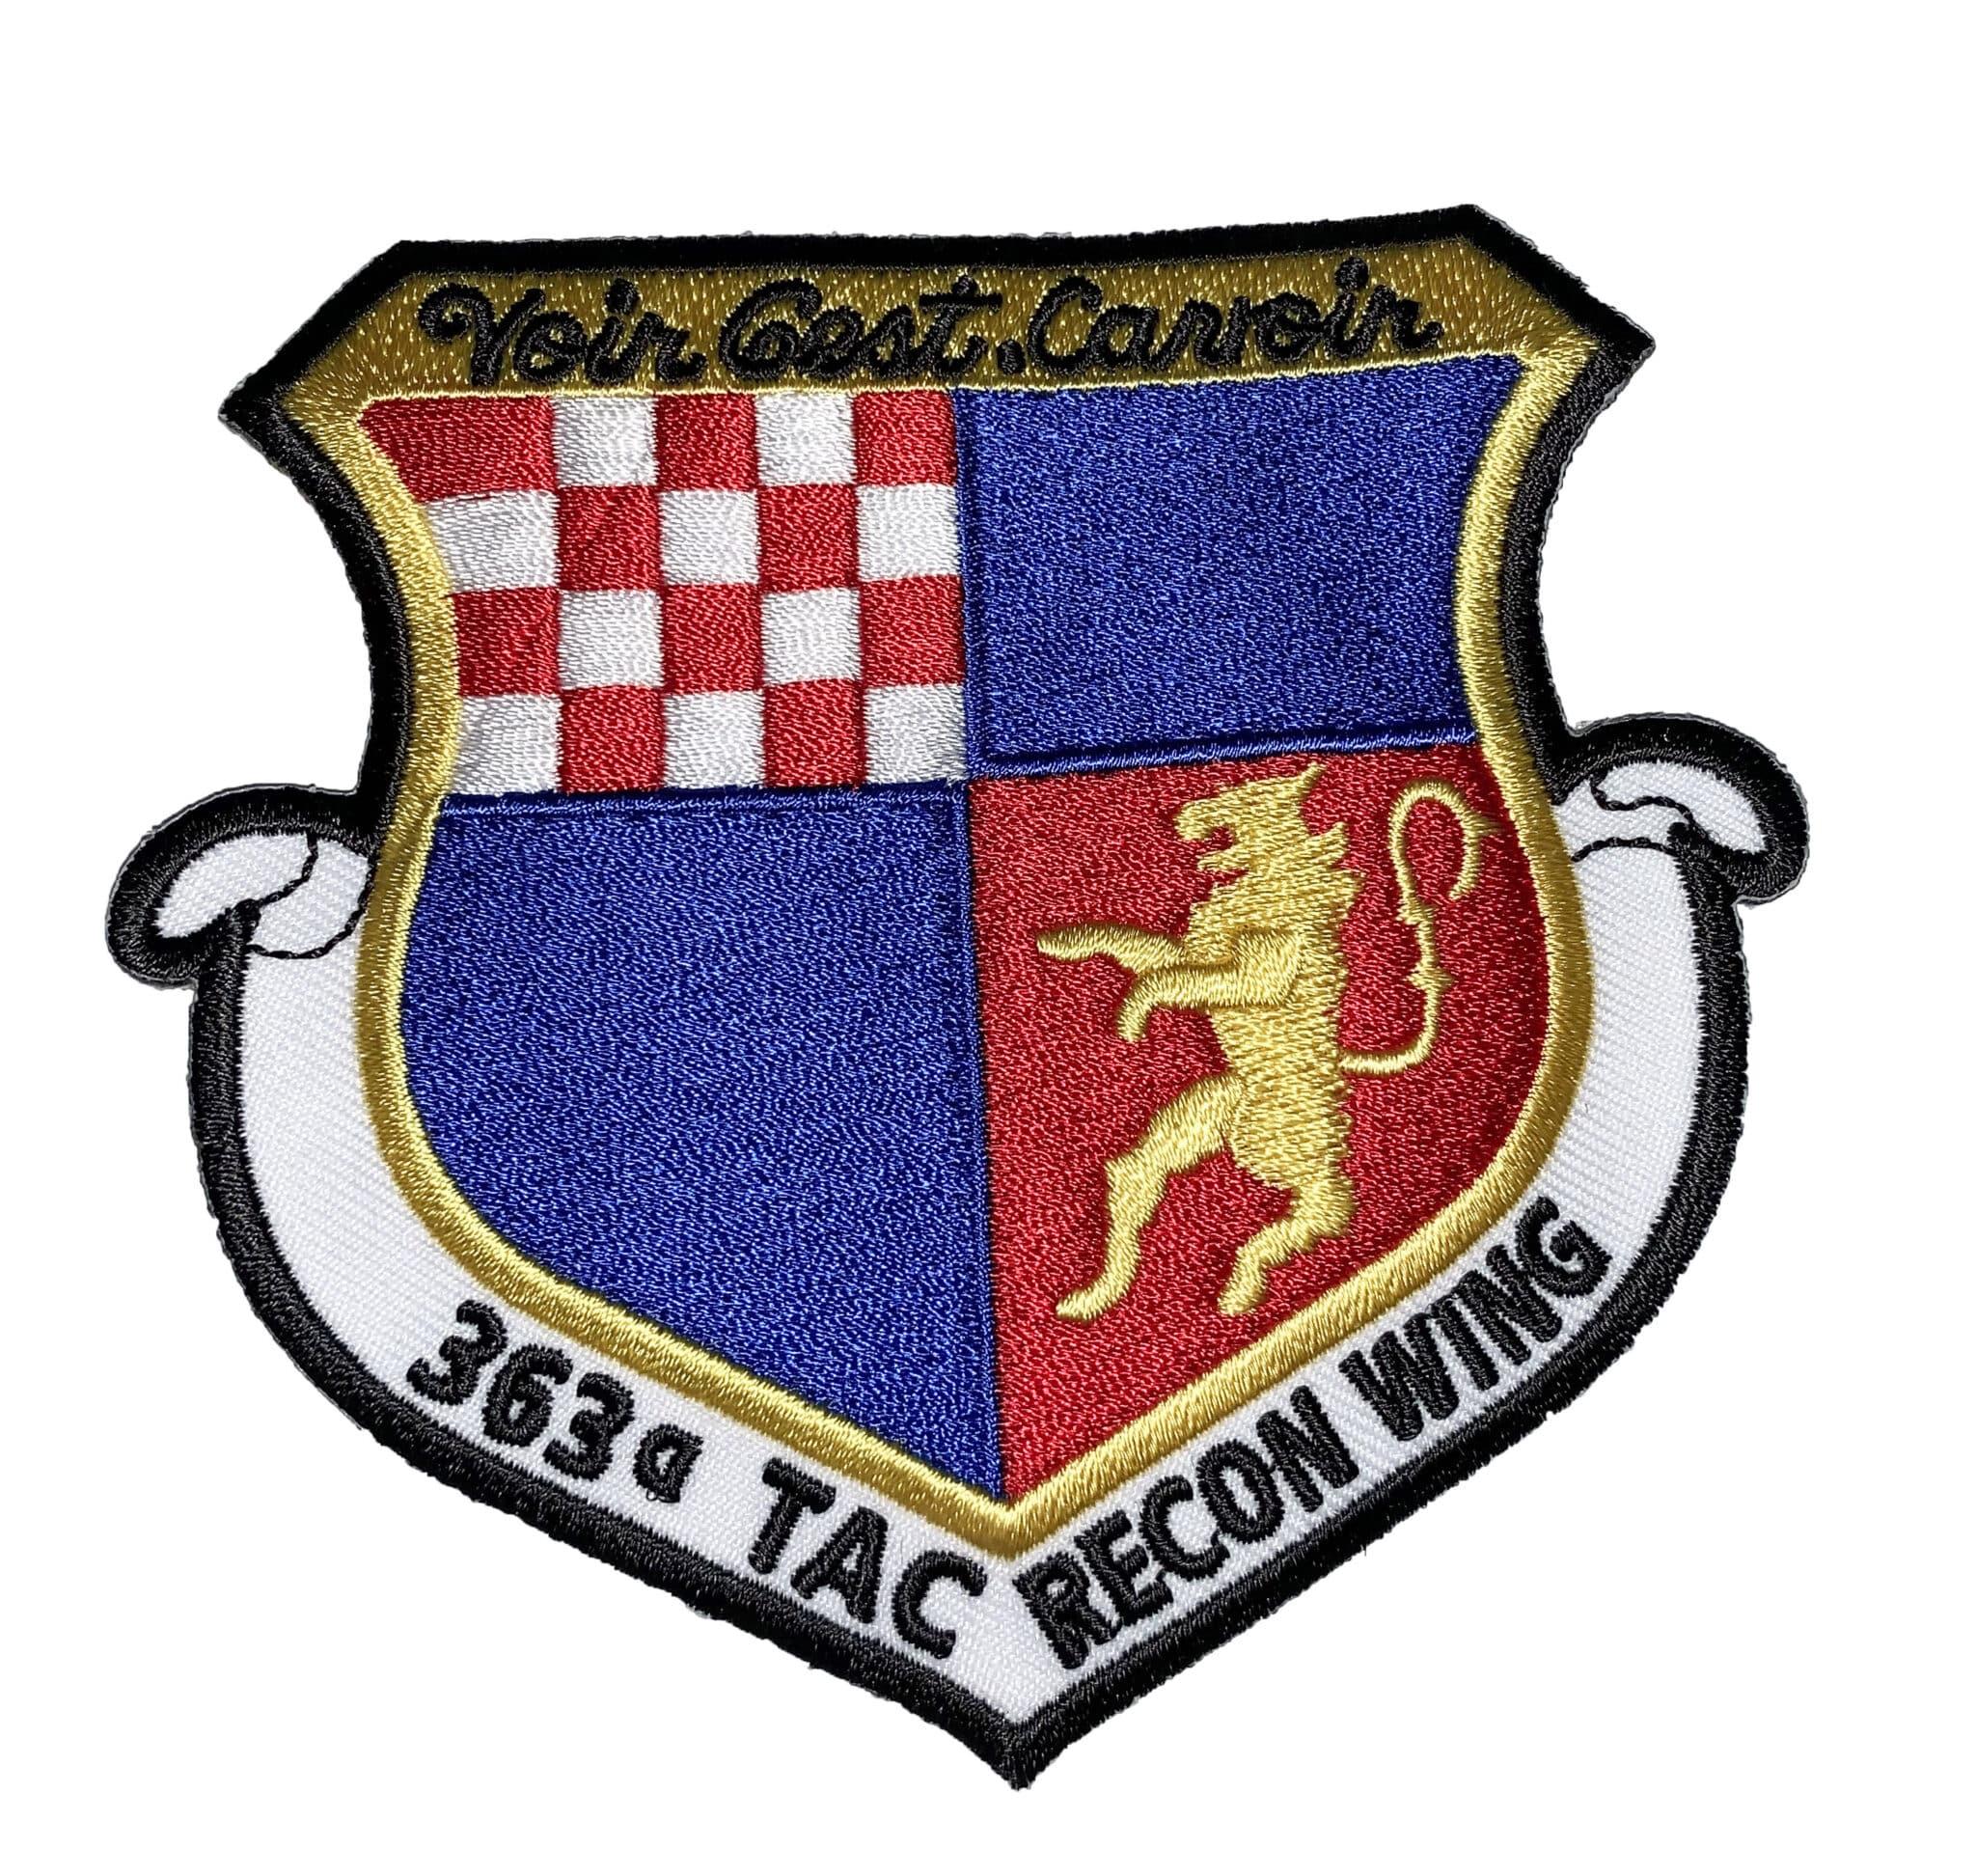 Voir C'est Saviour 363rd Tactical Reconnaissance Wing Patch – Sew On